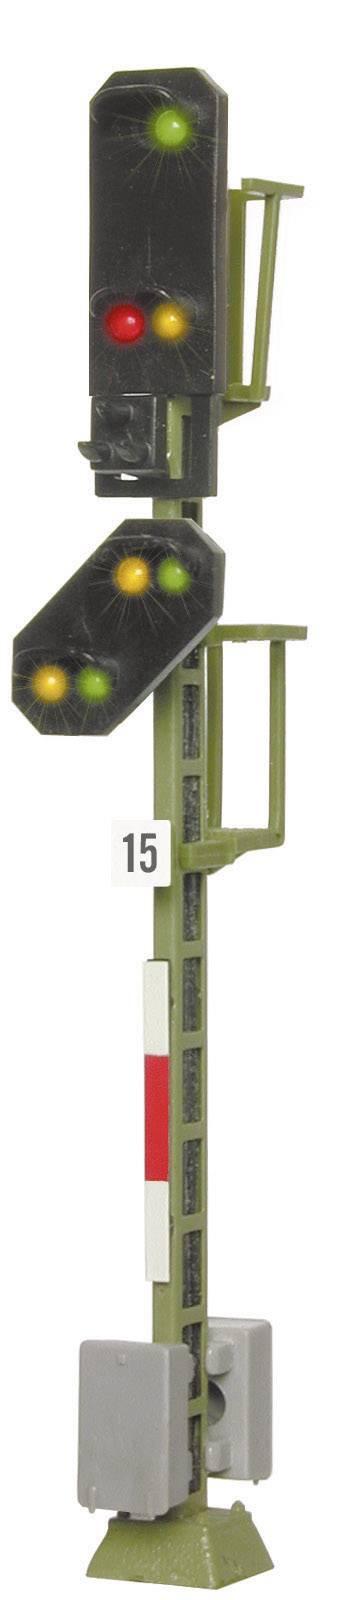 Kit //// piste h0 Vorsignal avec 4 LED